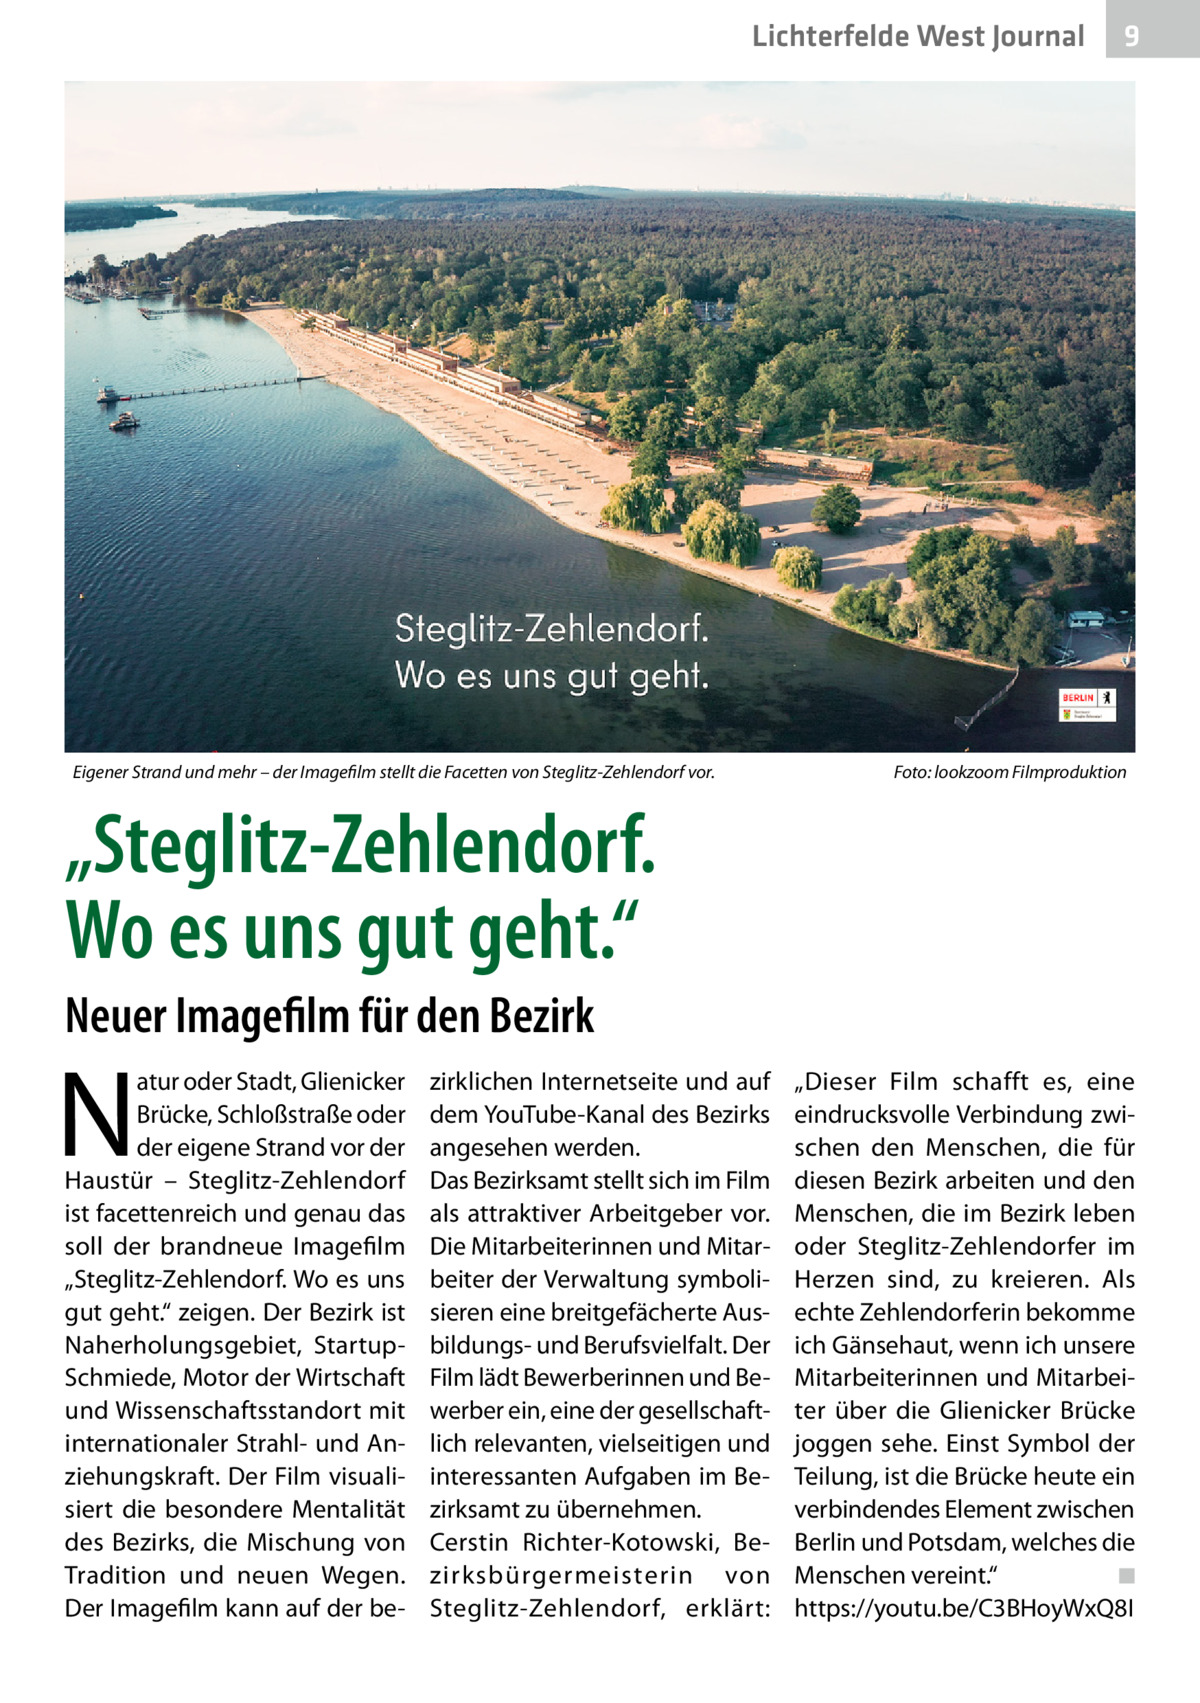 """Lichterfelde West Journal  Eigener Strand und mehr – der Imagefilm stellt die Facetten von Steglitz-Zehlendorf vor.�  9  Foto: lookzoom Filmproduktion  """"Steglitz-Zehlendorf. Wo es uns gut geht."""" Neuer Imagefilm für den Bezirk  N  atur oder Stadt, Glienicker Brücke, Schloßstraße oder der eigene Strand vor der Haustür – Steglitz-Zehlendorf ist facettenreich und genau das soll der brandneue Imagefilm """"Steglitz-Zehlendorf. Wo es uns gut geht."""" zeigen. Der Bezirk ist Naherholungsgebiet, StartupSchmiede, Motor der Wirtschaft und Wissenschaftsstandort mit internationaler Strahl- und Anziehungskraft. Der Film visualisiert die besondere Mentalität des Bezirks, die Mischung von Tradition und neuen Wegen. Der Imagefilm kann auf der be zirklichen Internetseite und auf dem YouTube-Kanal des Bezirks angesehen werden. Das Bezirksamt stellt sich im Film als attraktiver Arbeitgeber vor. Die Mitarbeiterinnen und Mitarbeiter der Verwaltung symbolisieren eine breitgefächerte Ausbildungs- und Berufsvielfalt. Der Film lädt Bewerberinnen und Bewerber ein, eine der gesellschaftlich relevanten, vielseitigen und interessanten Aufgaben im Bezirksamt zu übernehmen. Cerstin Richter-Kotowski, Bezirksbürgermeisterin von Steglitz-Zehlendorf, erklärt:  """"Dieser Film schafft es, eine eindrucksvolle Verbindung zwischen den Menschen, die für diesen Bezirk arbeiten und den Menschen, die im Bezirk leben oder Steglitz-Zehlendorfer im Herzen sind, zu kreieren. Als echte Zehlendorferin bekomme ich Gänsehaut, wenn ich unsere Mitarbeiterinnen und Mitarbeiter über die Glienicker Brücke joggen sehe. Einst Symbol der Teilung, ist die Brücke heute ein verbindendes Element zwischen Berlin und Potsdam, welches die Menschen vereint.""""� ◾ https://youtu.be/C3BHoyWxQ8I"""